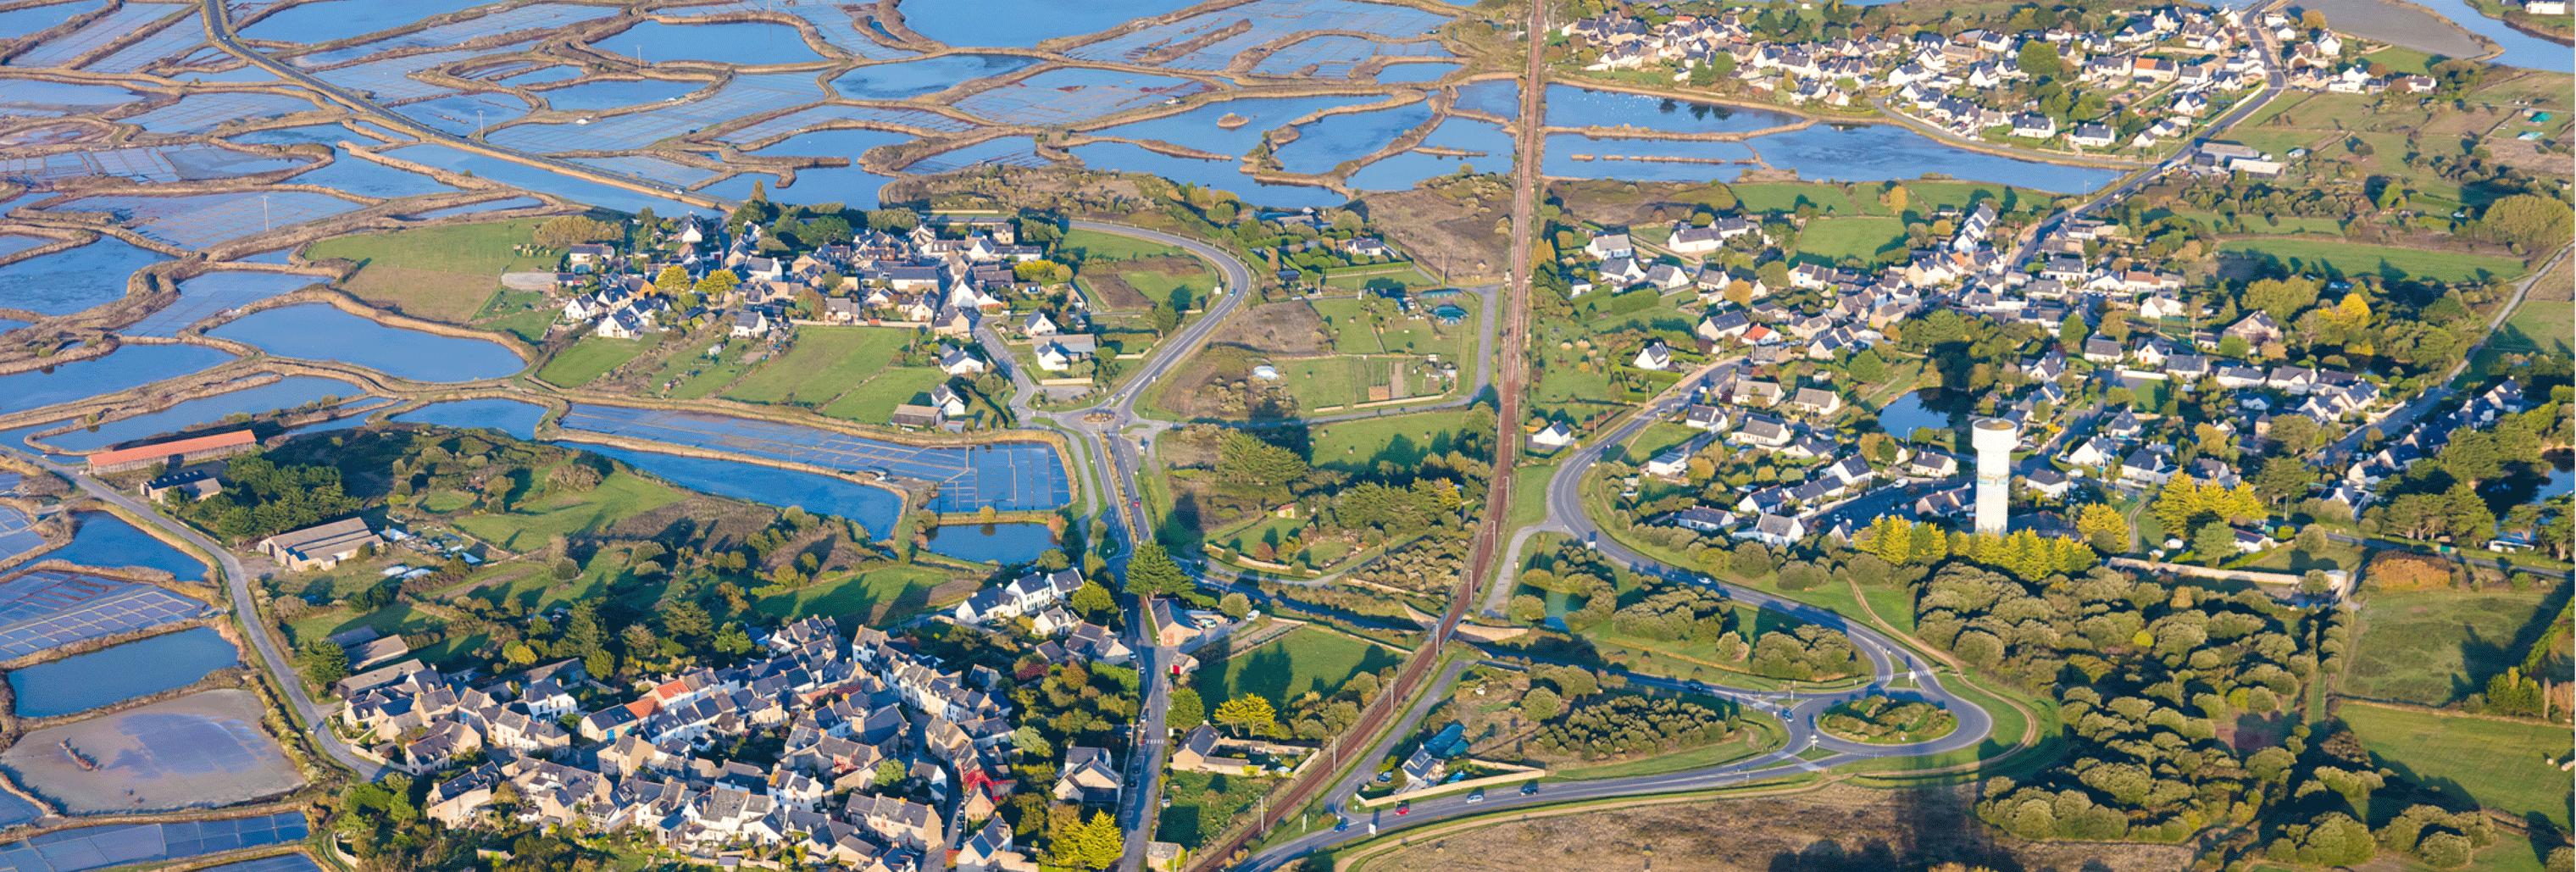 Batz-sur-Mer et ses villages paludiers